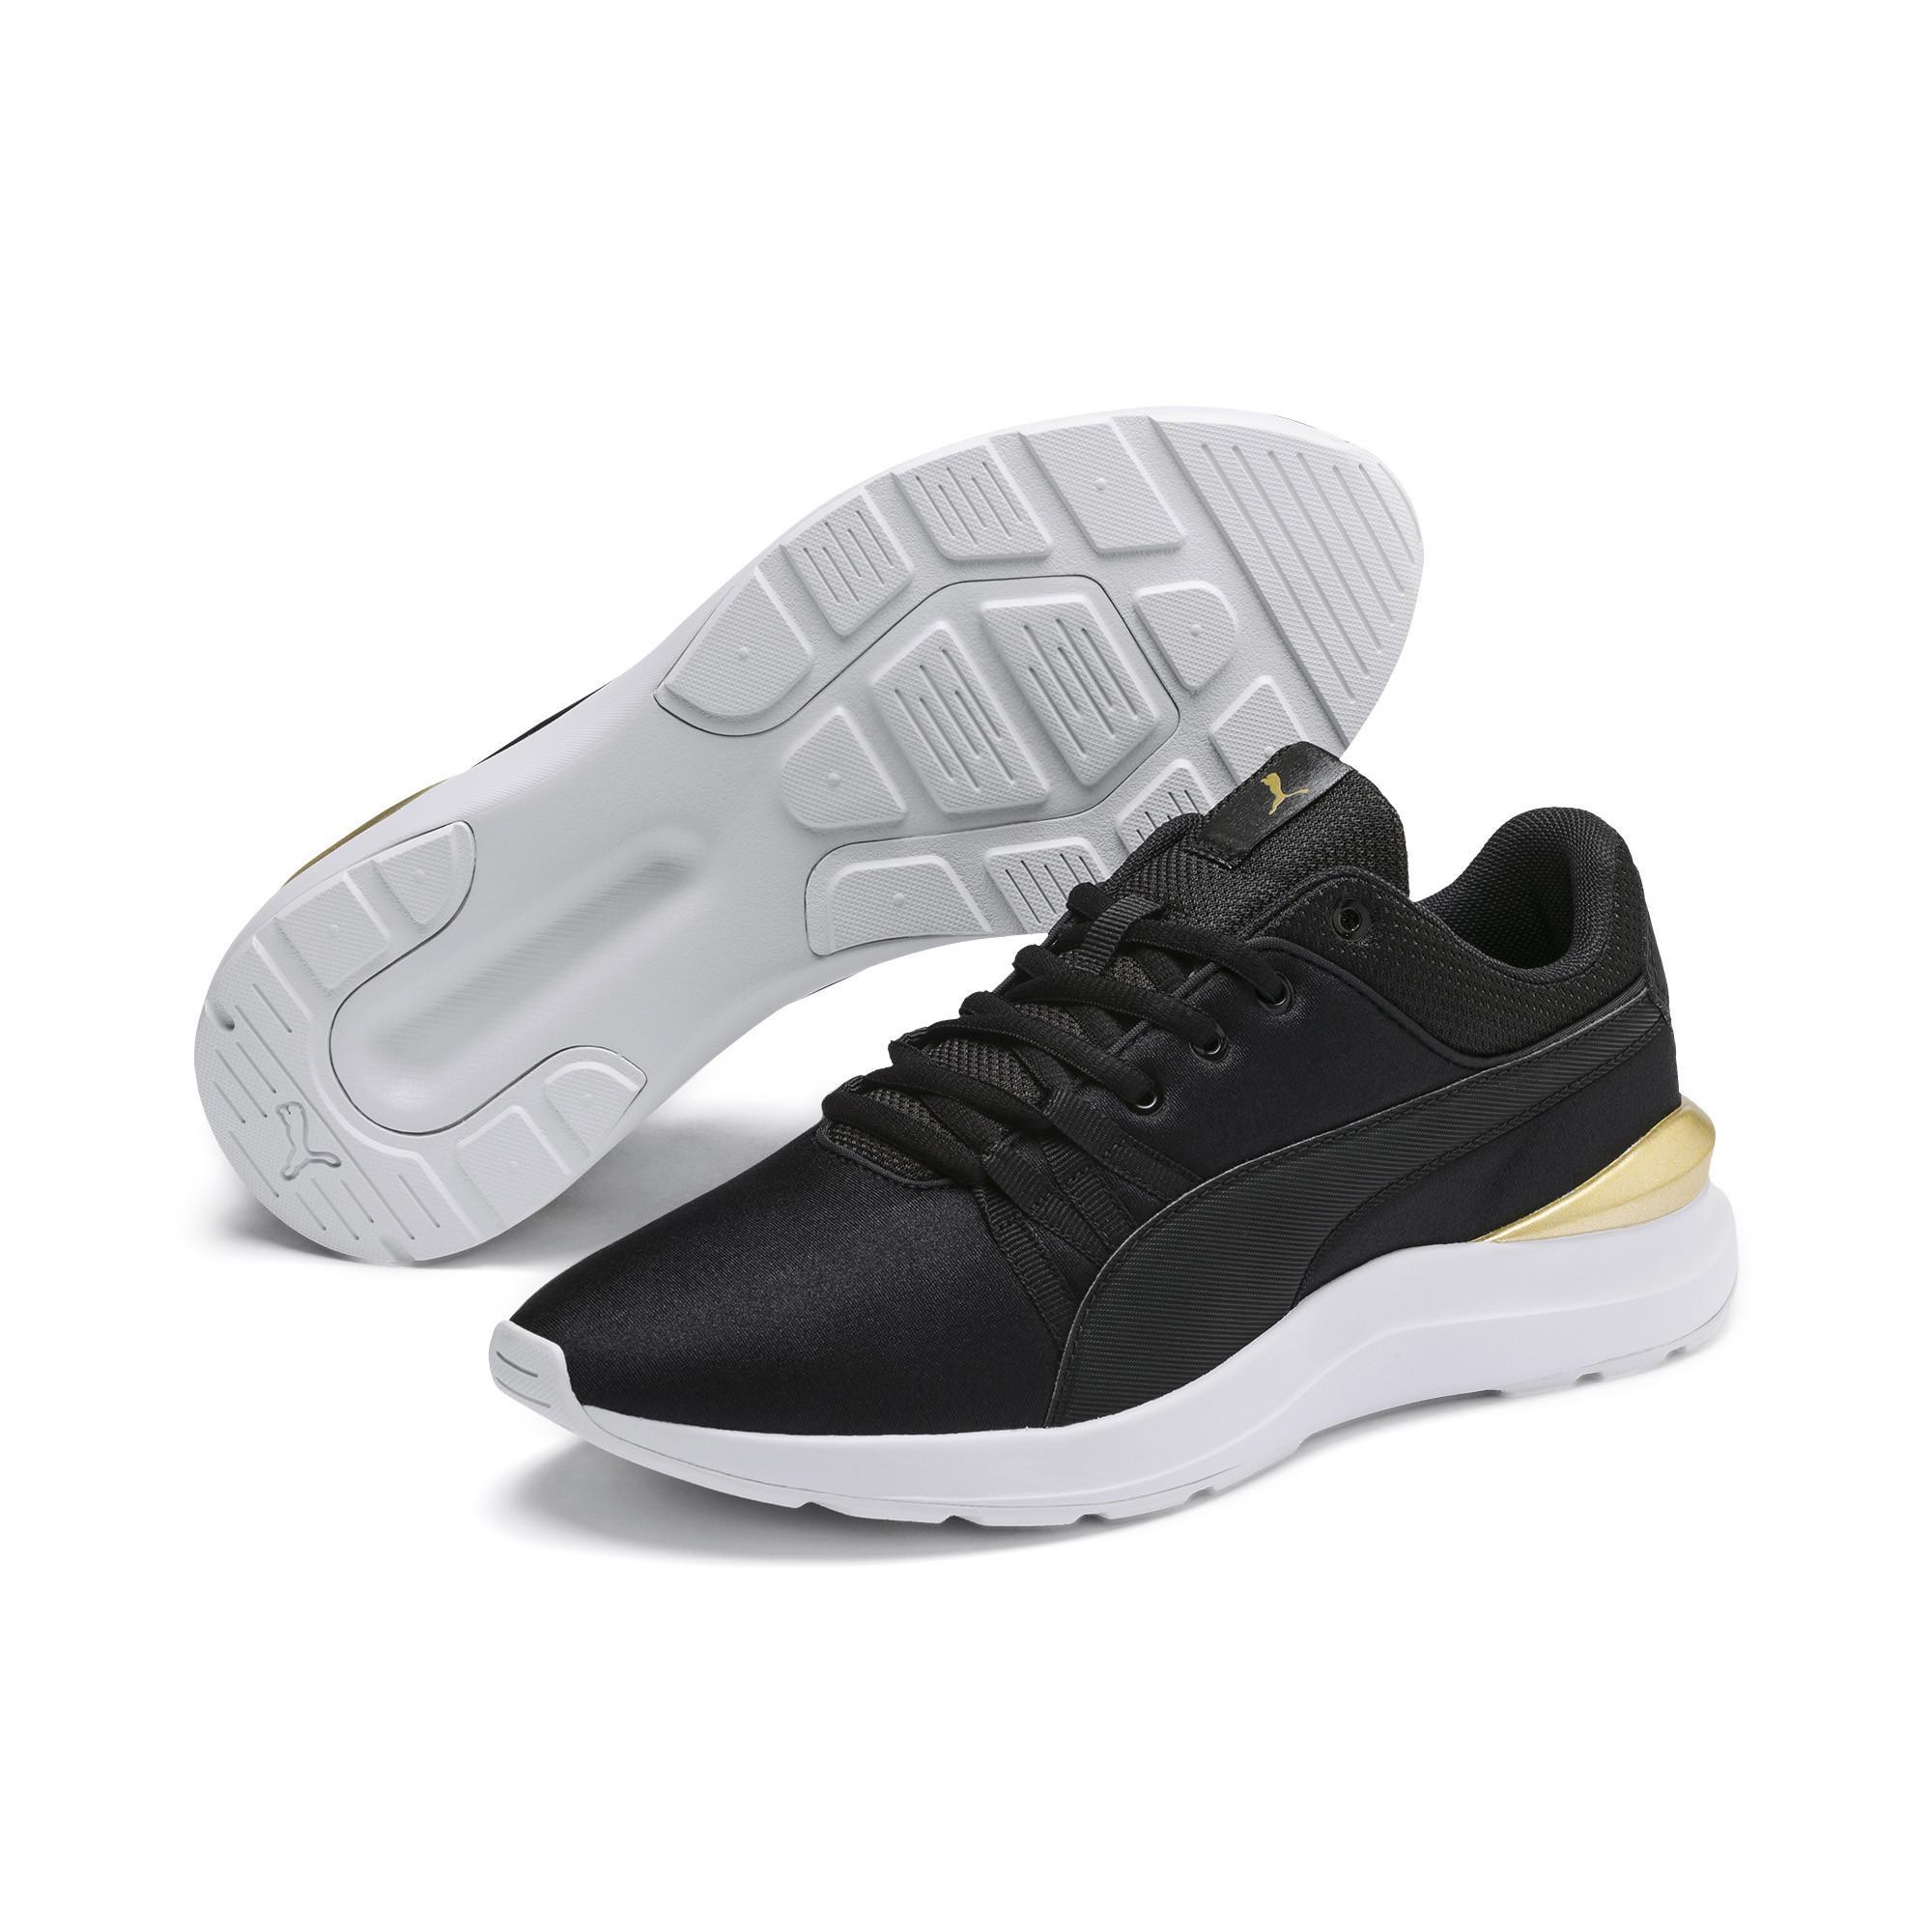 PUMA Adela Sneaker in Black - Lyst